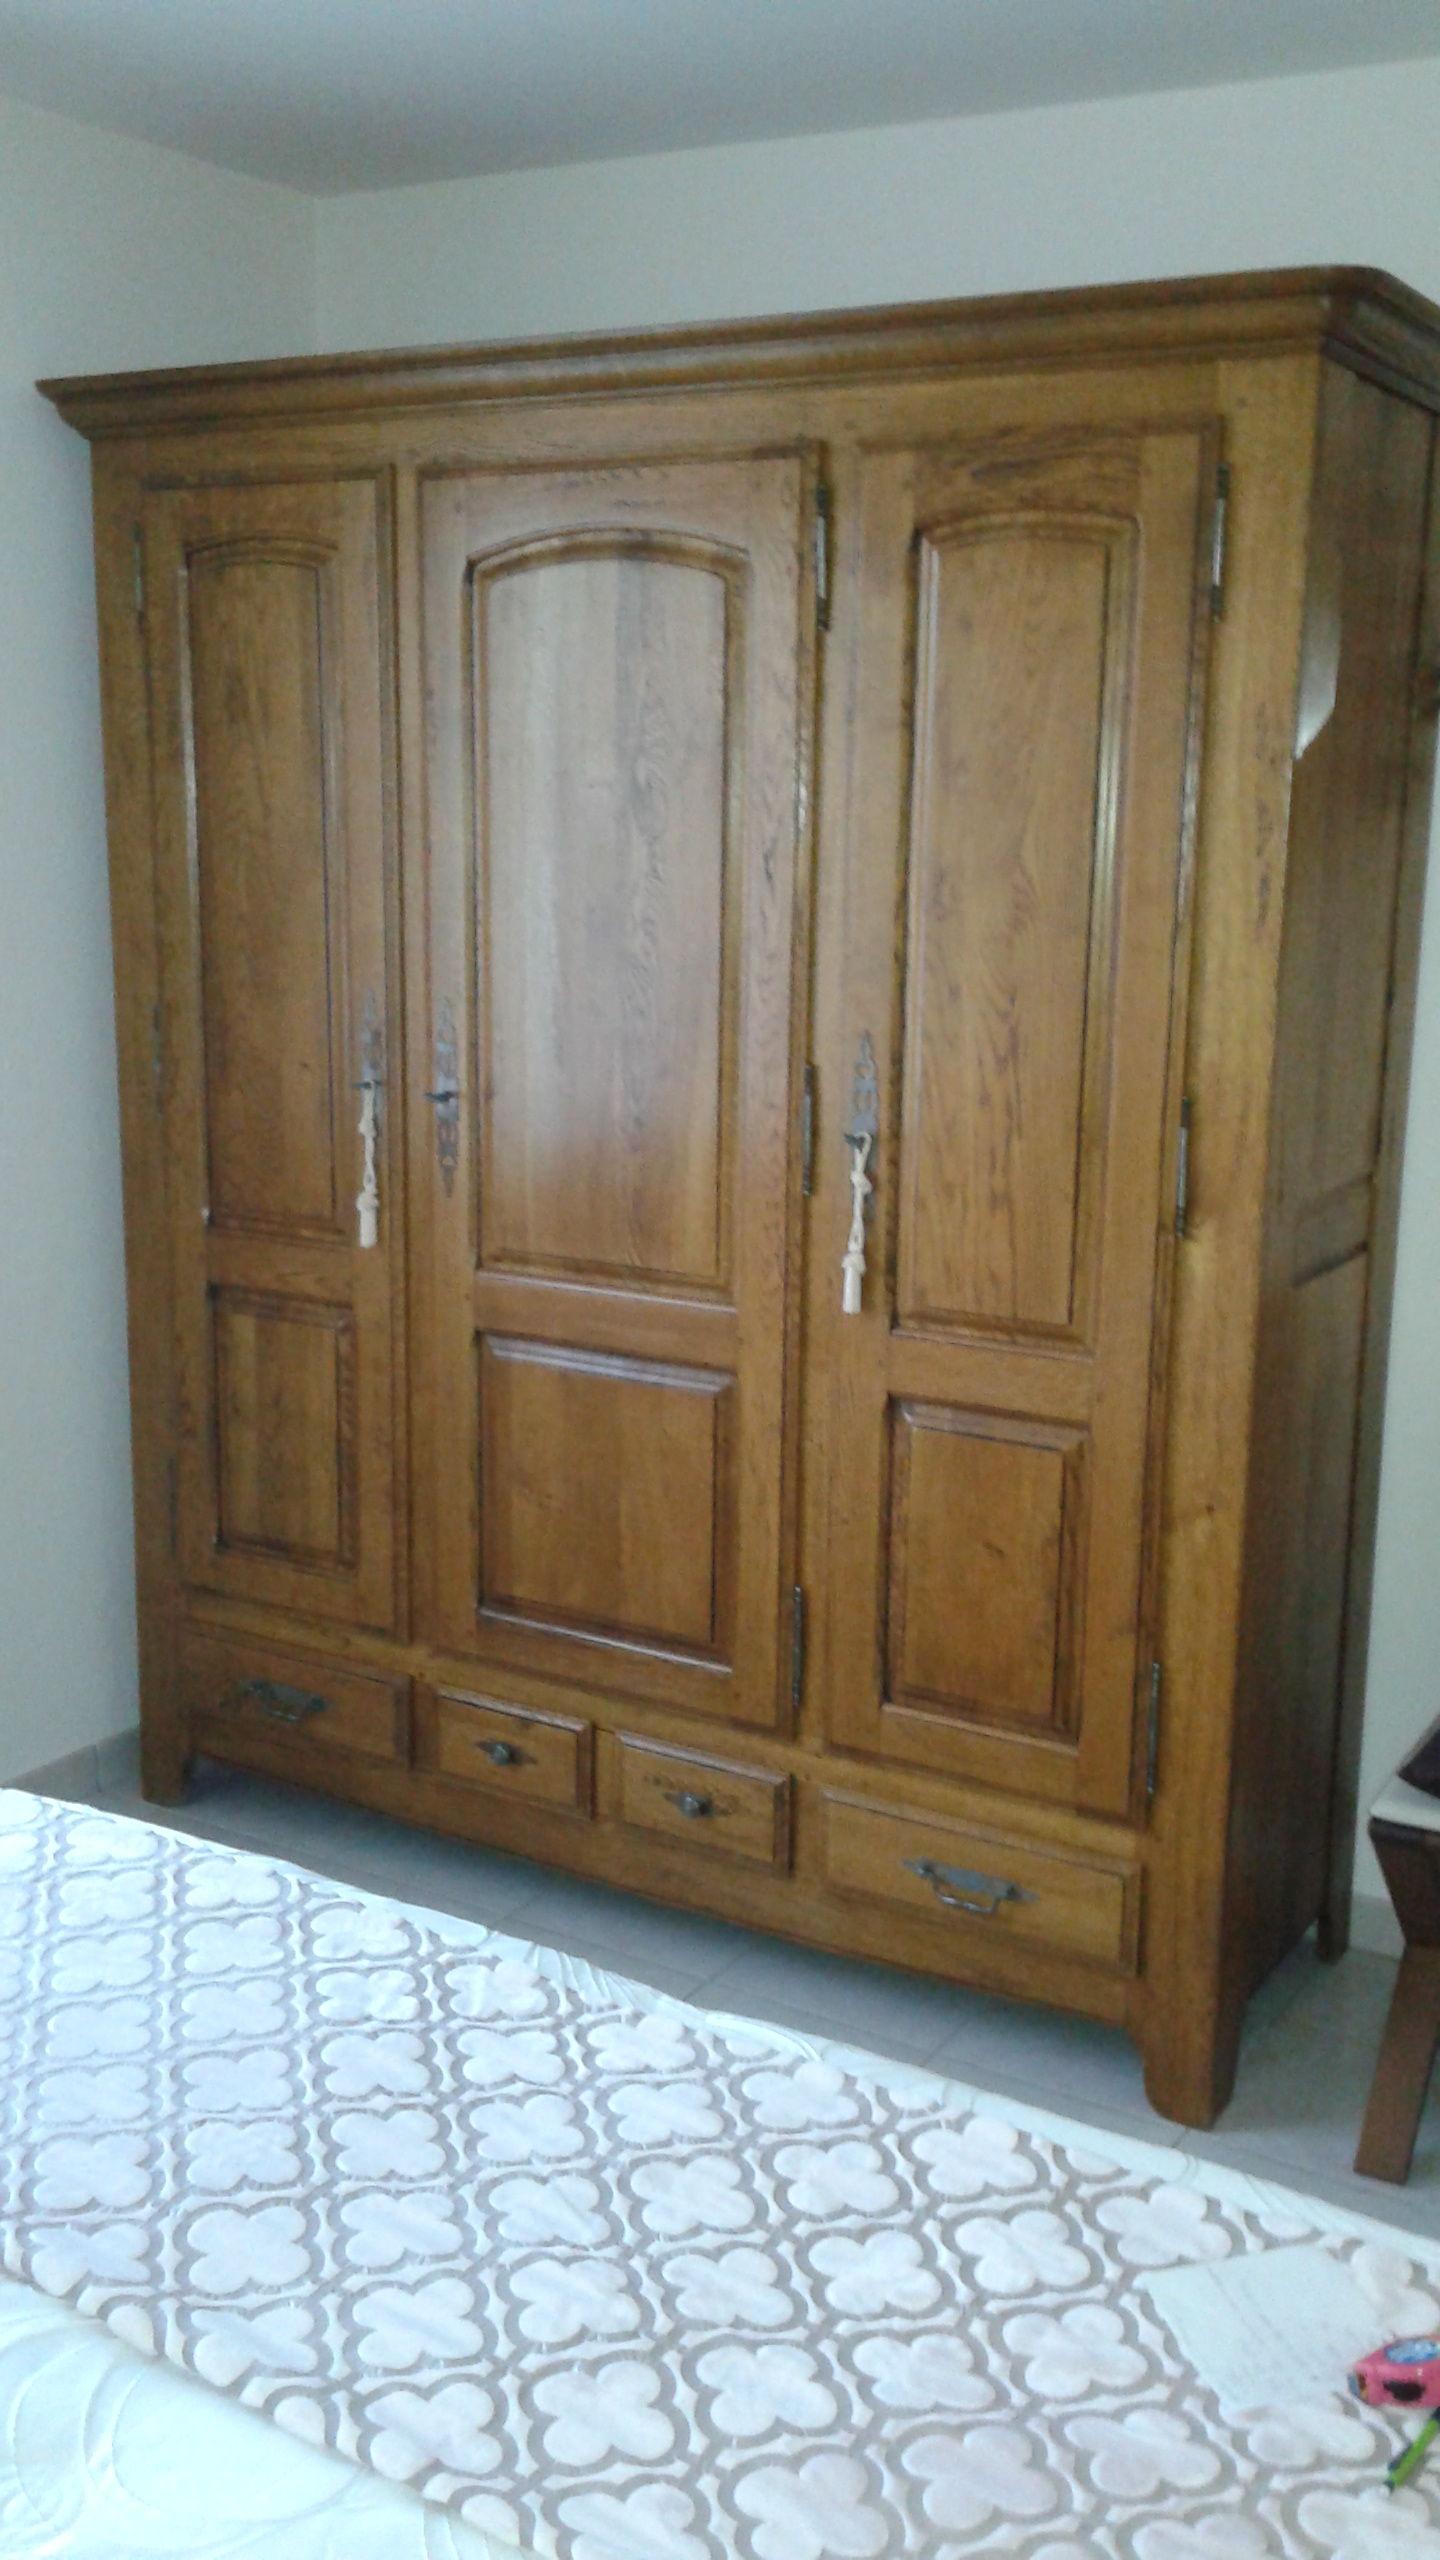 Achetez armoirede chambre en occasion annonce vente talmont saint hilaire - Chambre chene massif ...